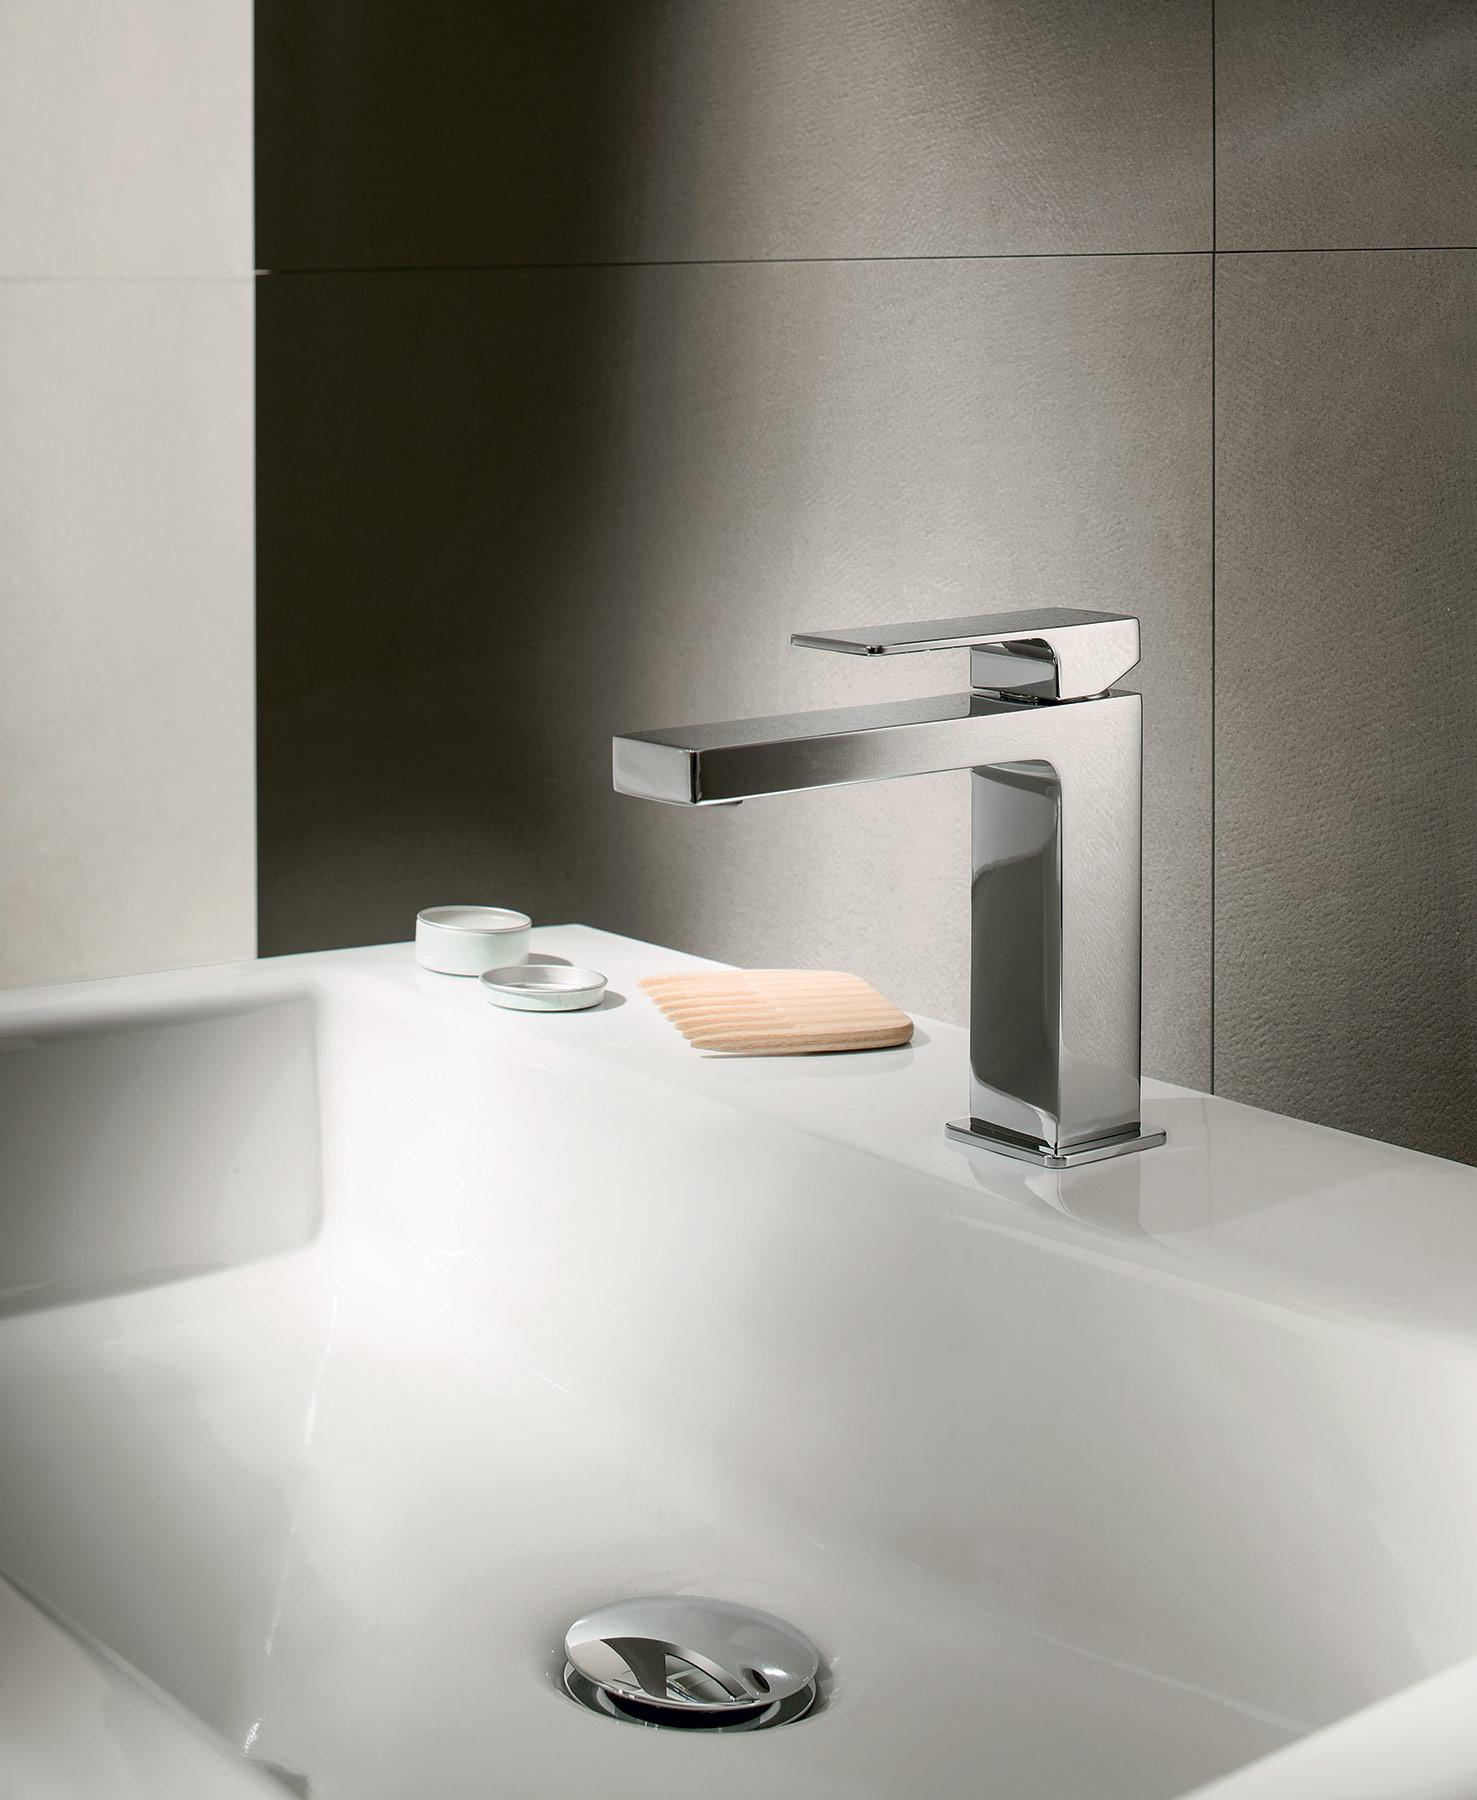 Modern Mint Deck Mount Faucet